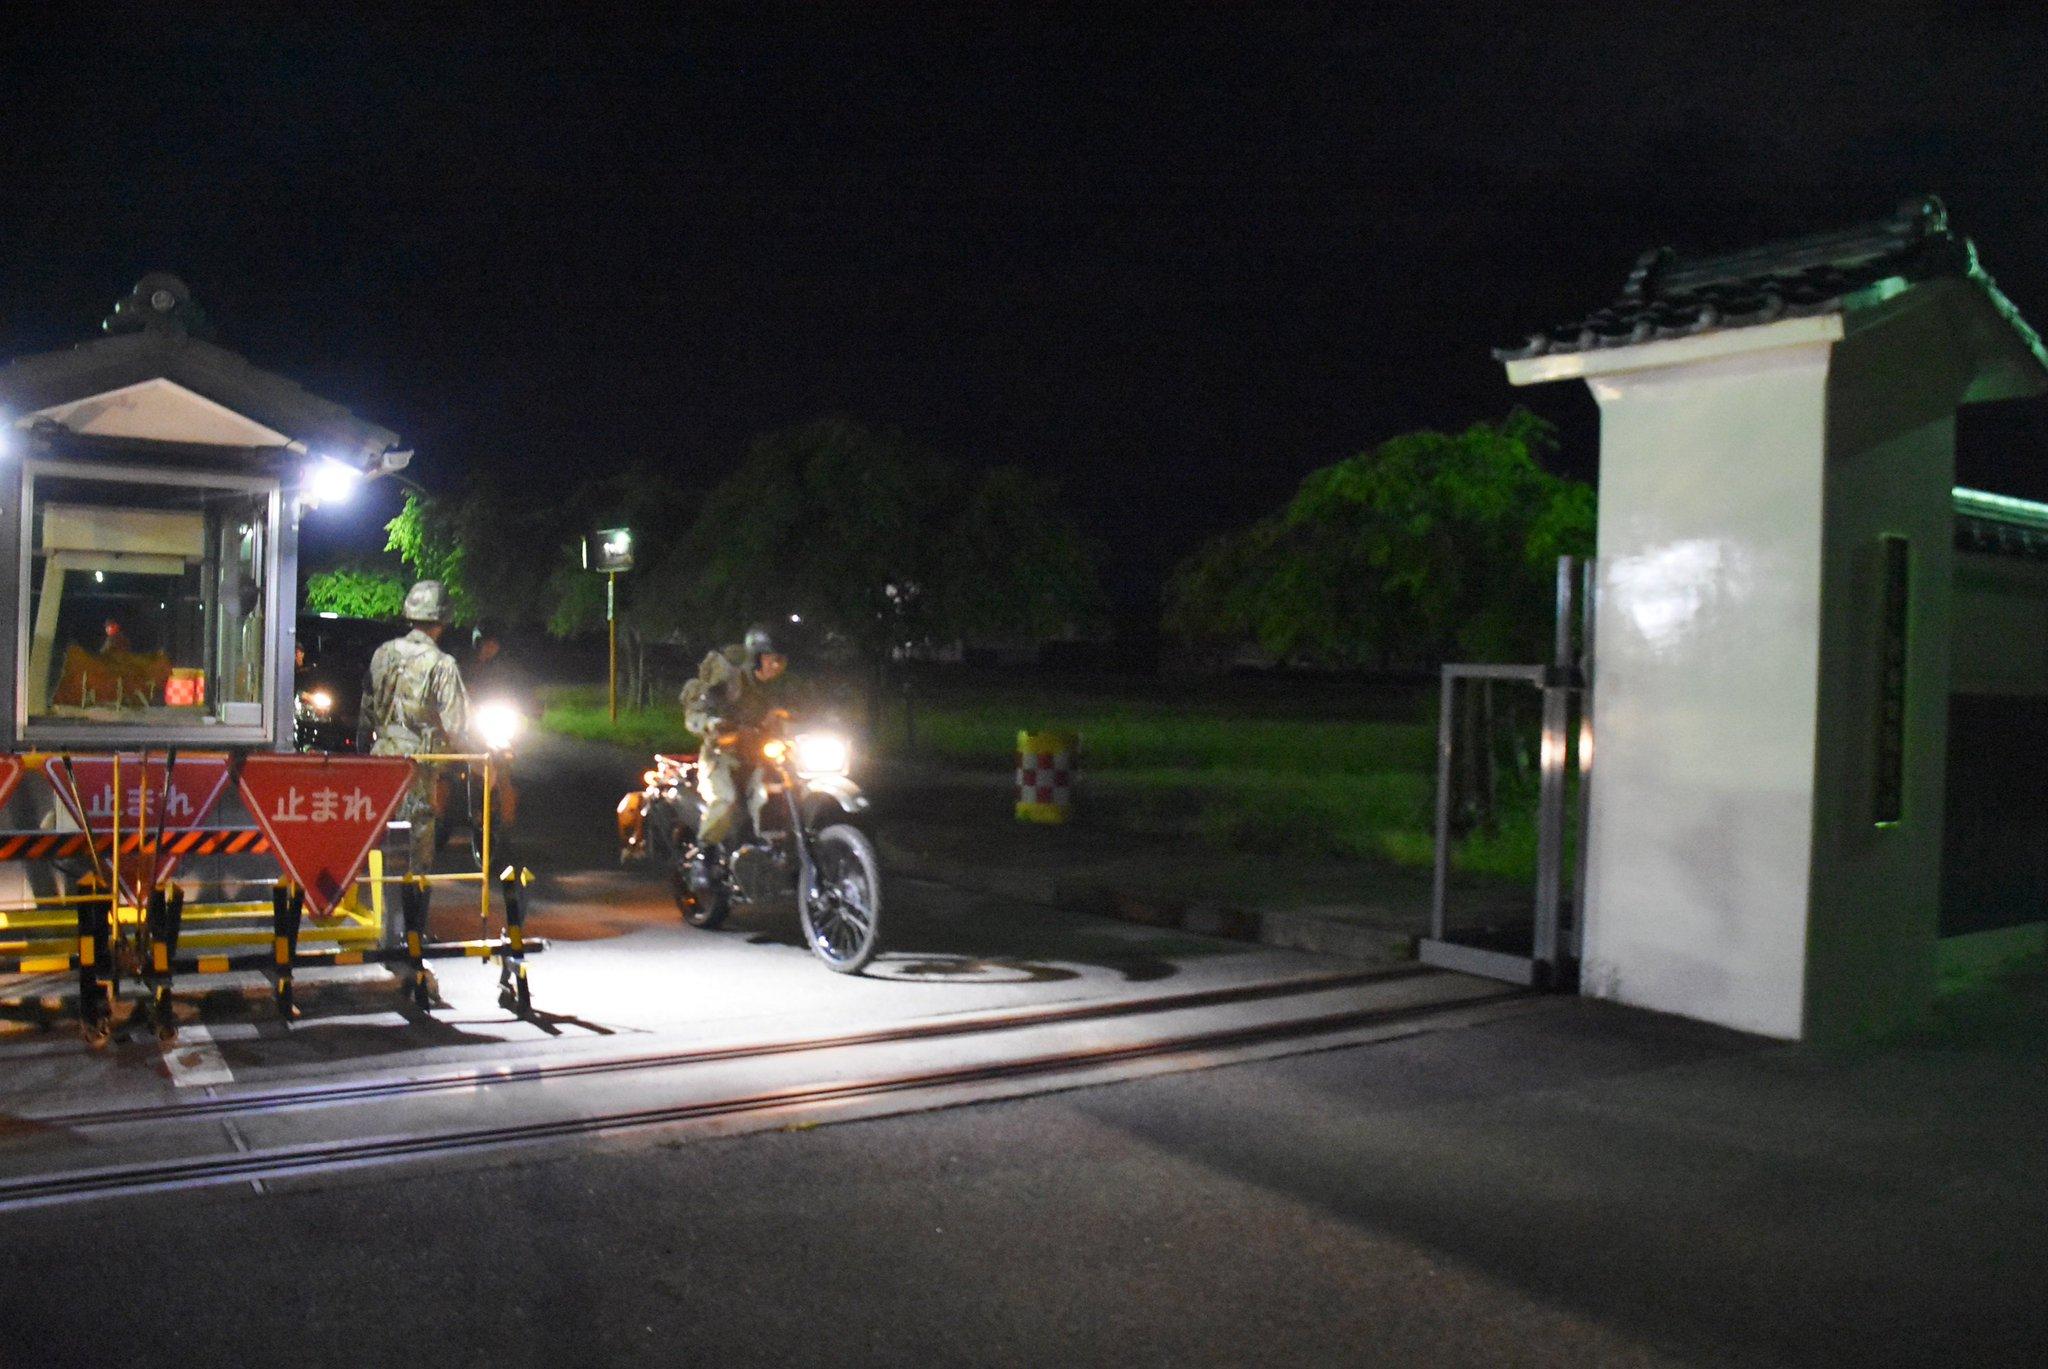 画像,東部方面隊は、6月18日(火)に新潟県で発生した震度6強の地震に際し、23時05分に第12旅団(第30普通科連隊)の初動対処部隊を現地へ派遣しました。 (写真は…